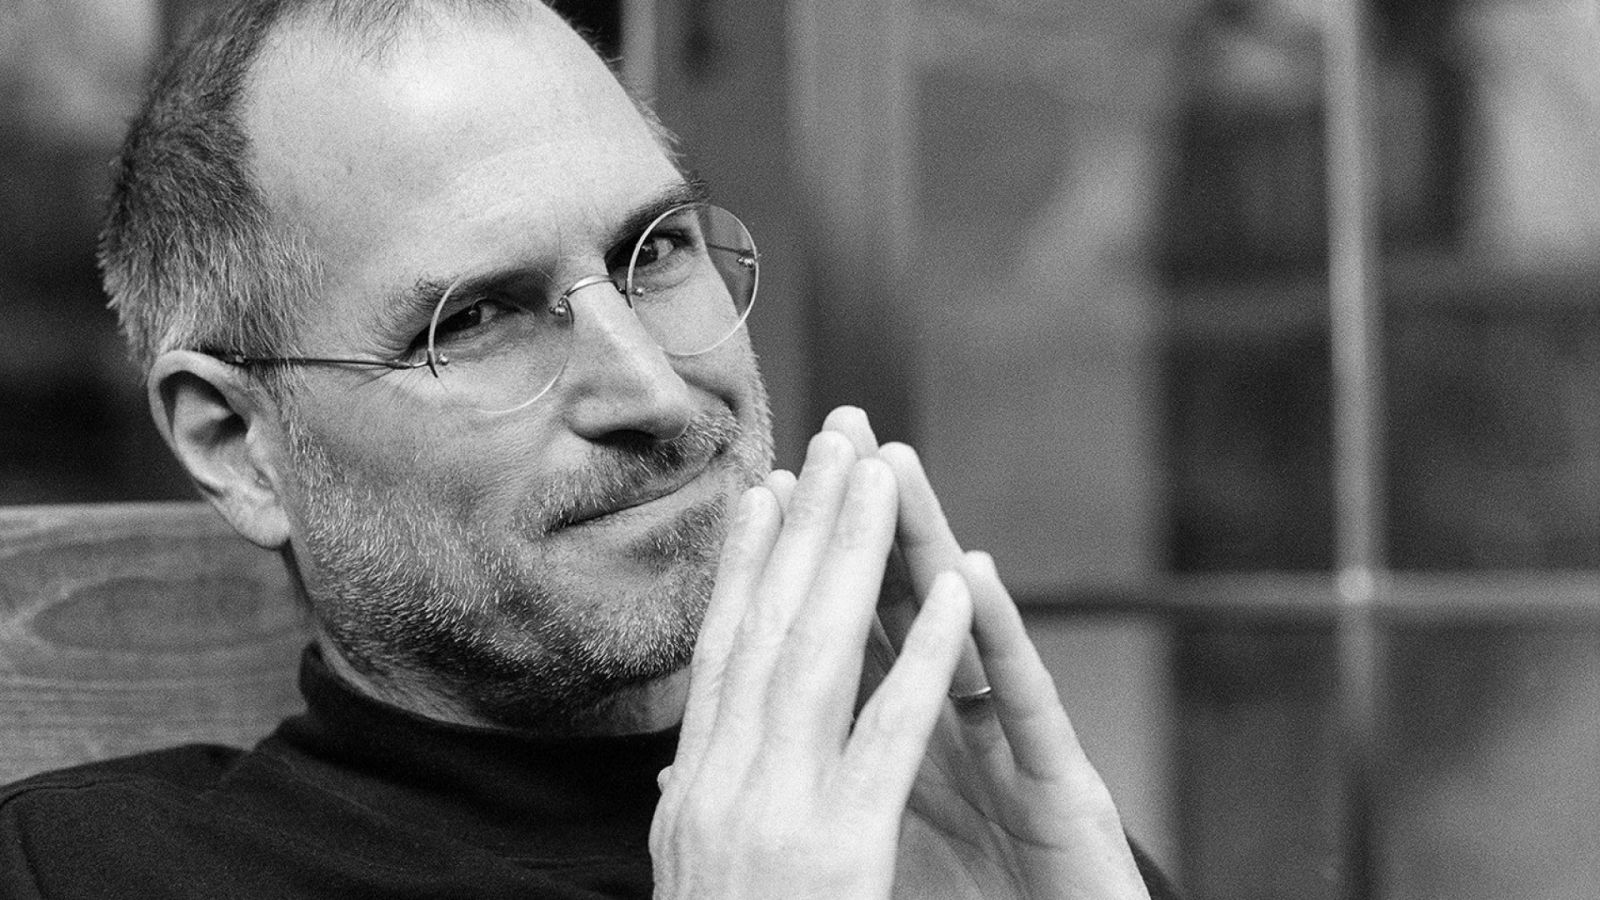 Три утверждения Стива Джобса, которые не выдержали проверку временем - 1